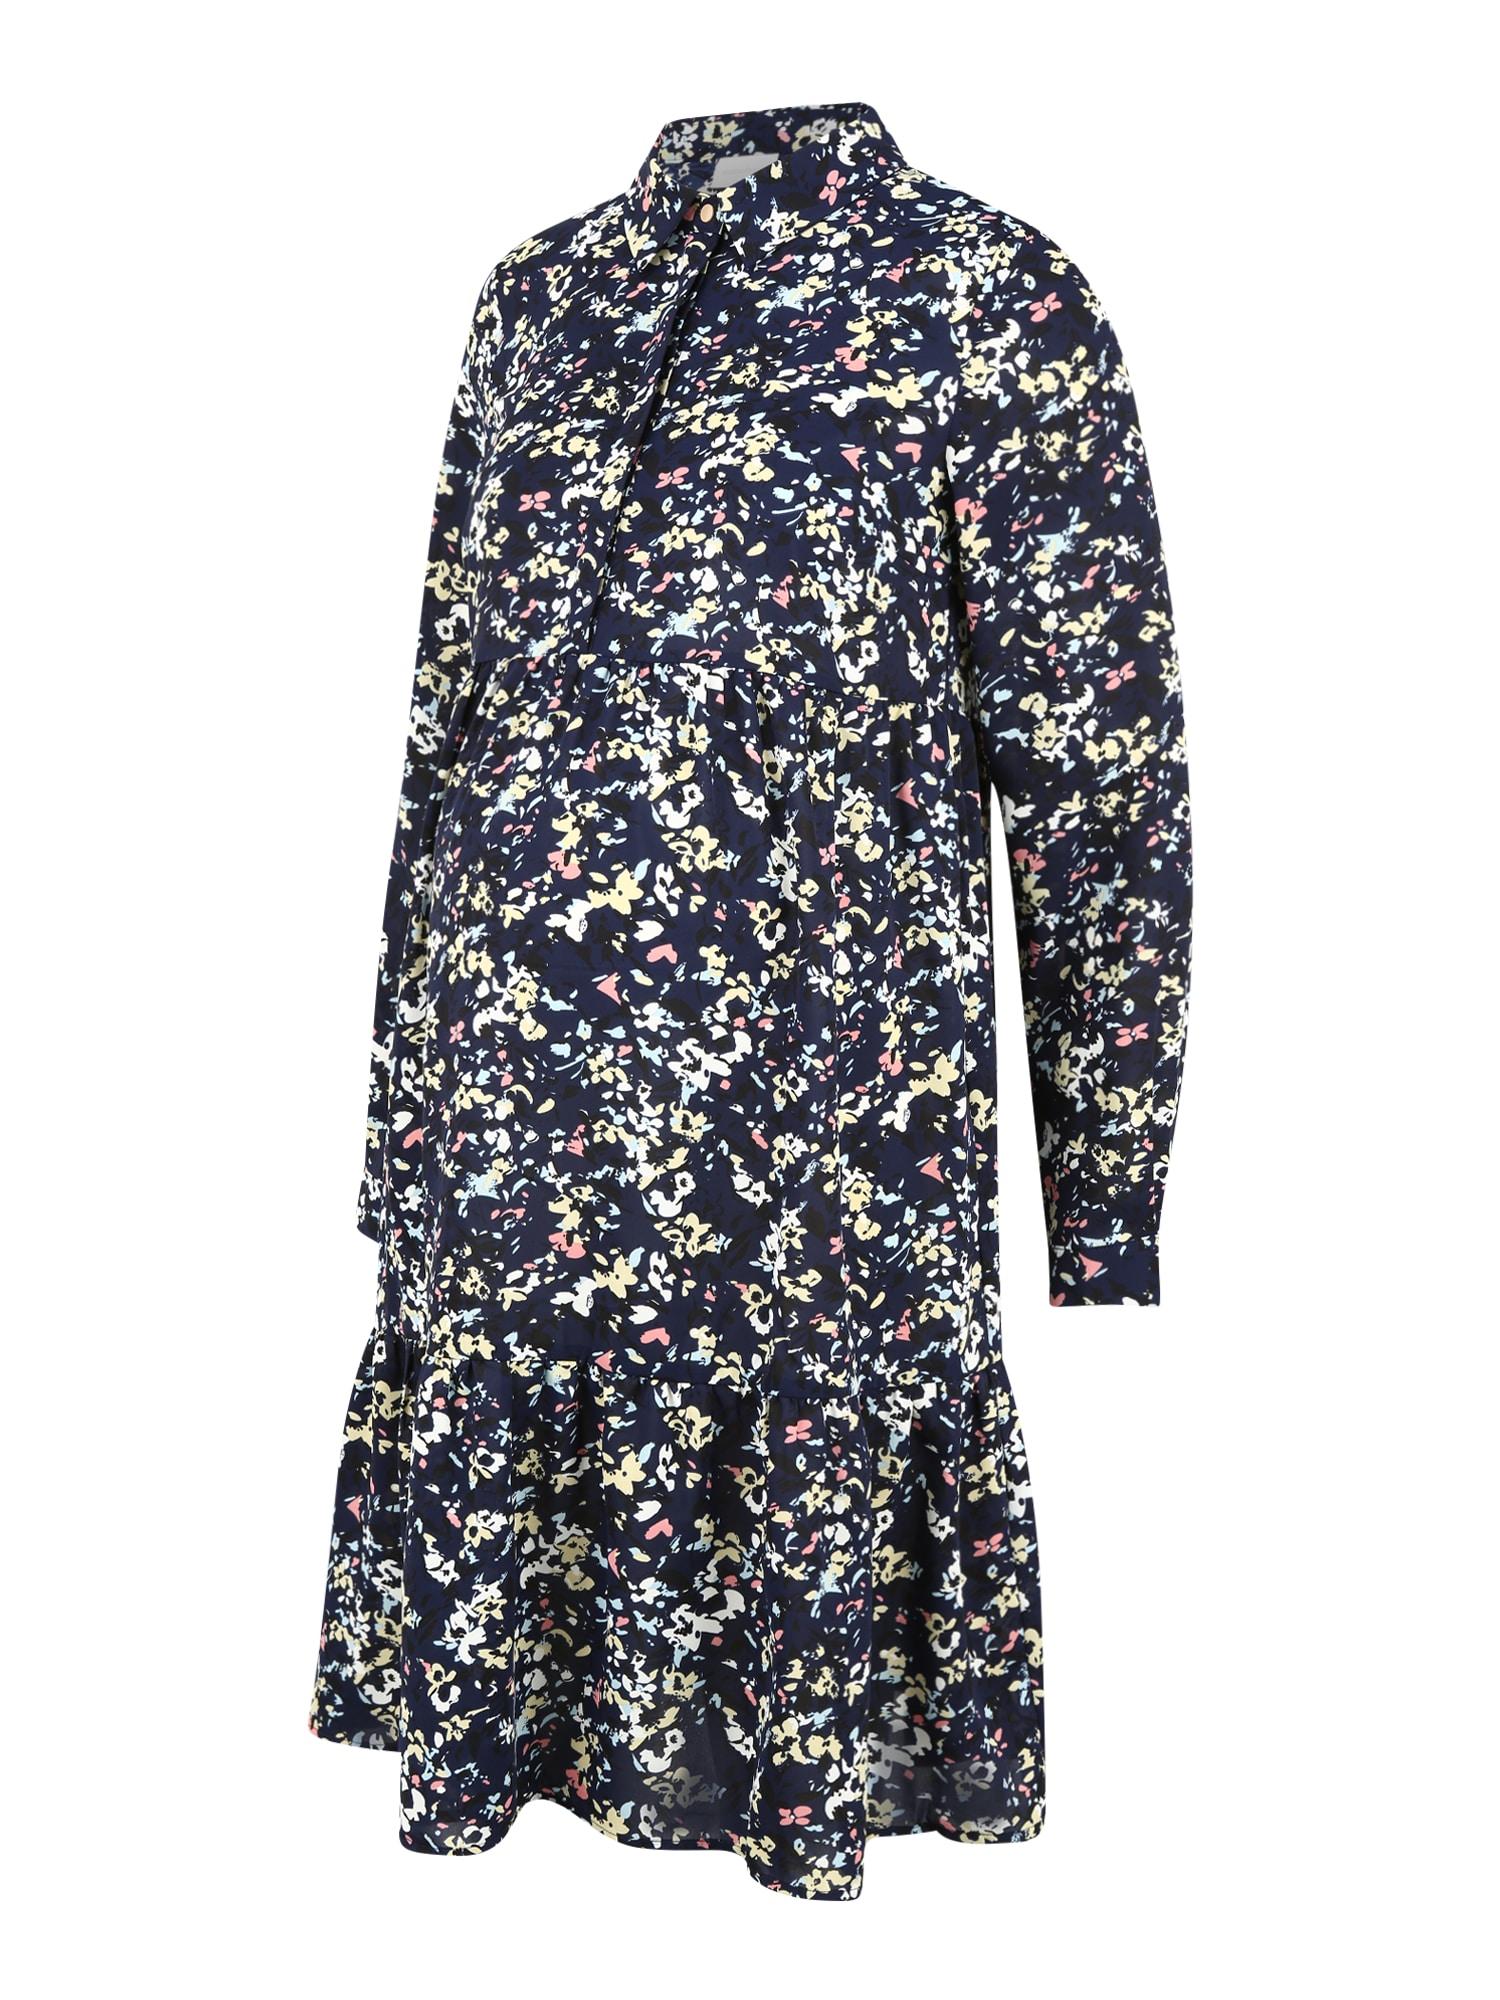 MAMALICIOUS Suknelė mėlyna / mišrios spalvos